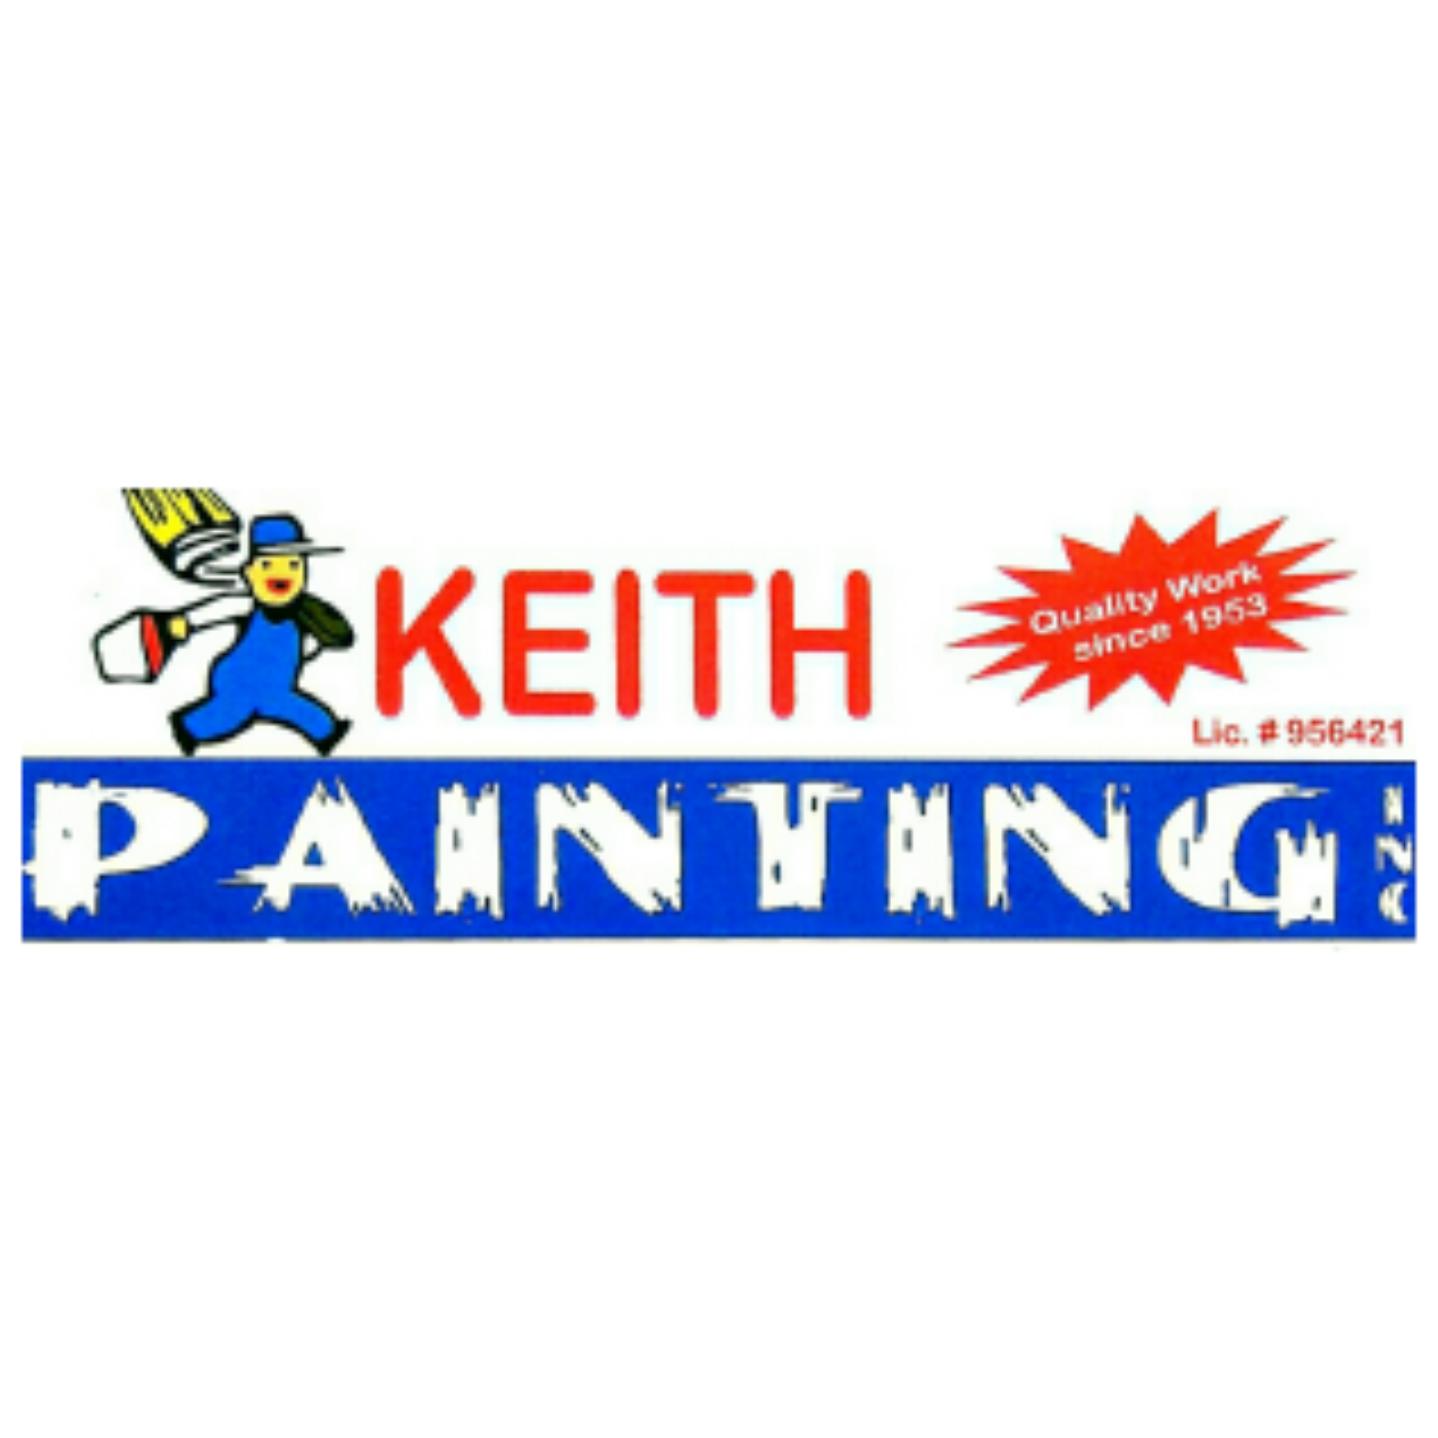 Keith Painting logo